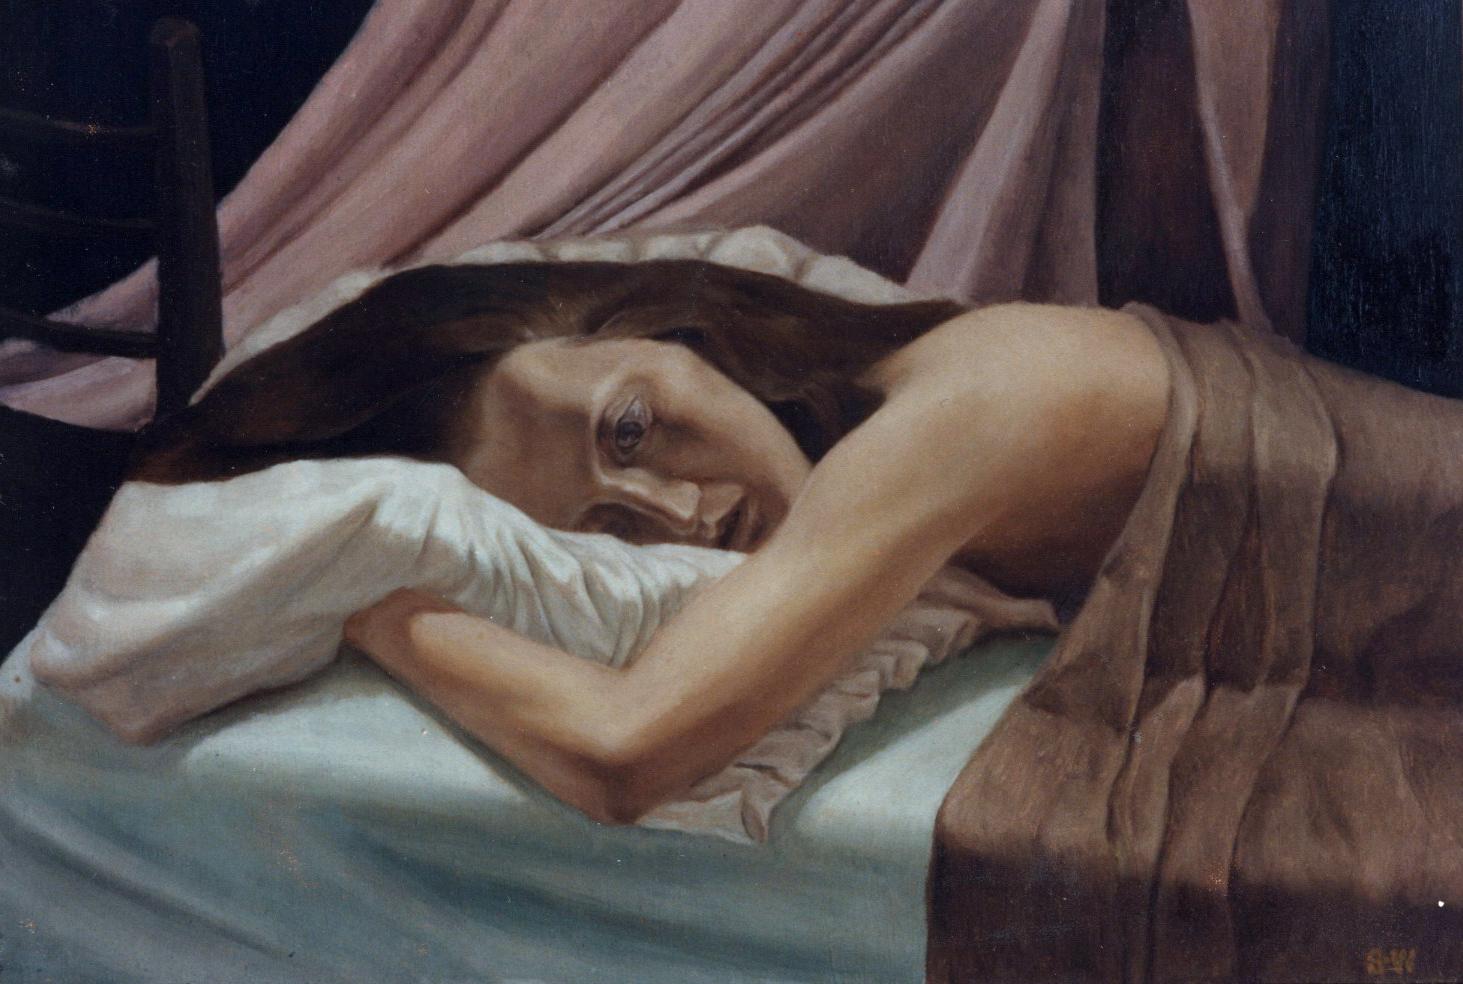 Girl Sleep with Eyes Open